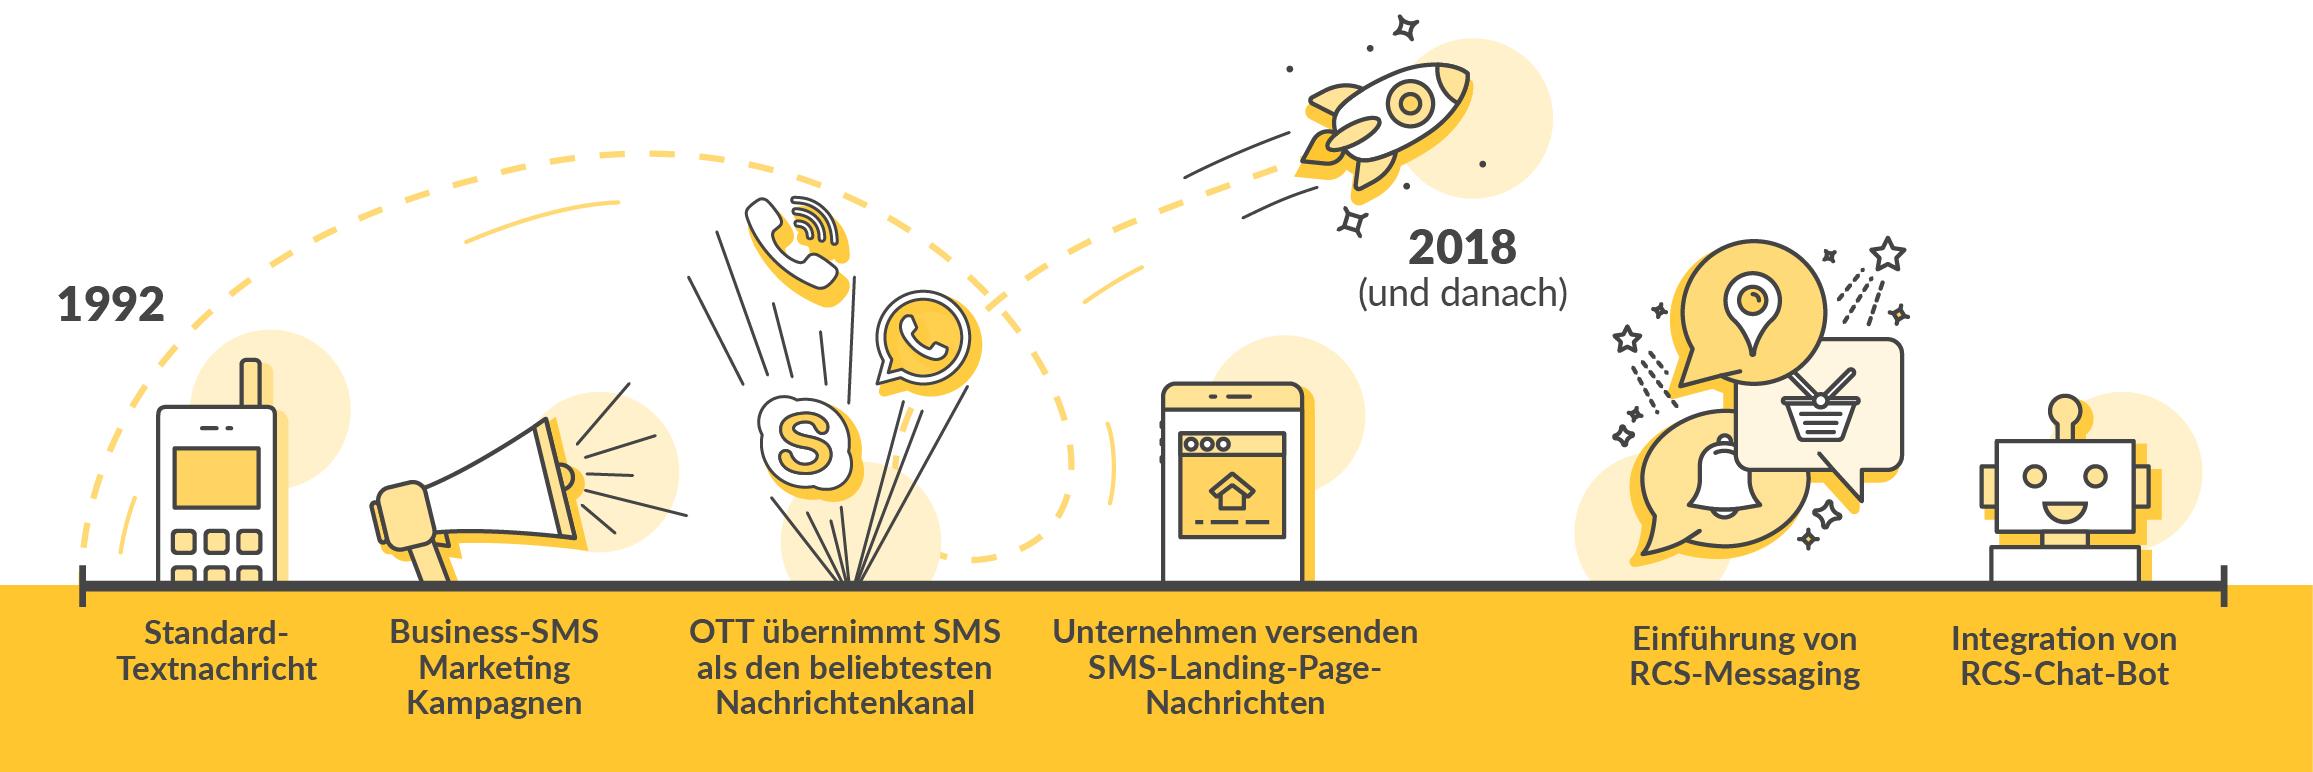 Evolution der SMS Grafik